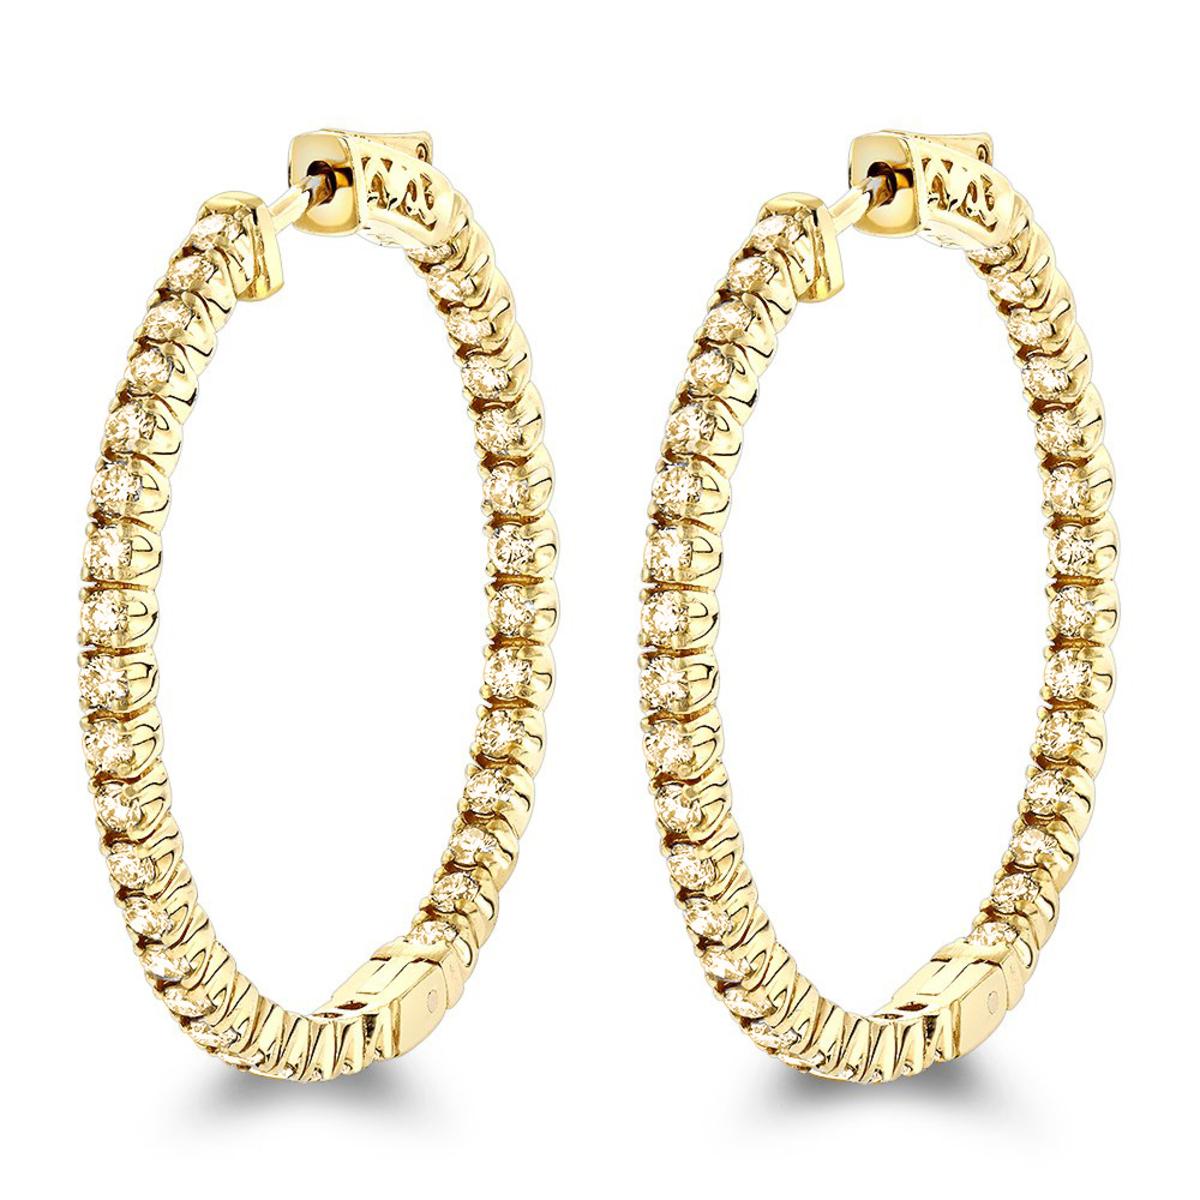 Inside Out Yellow Diamond Hoop Earrings in 14k Gold by Luxurman 2.2ct.